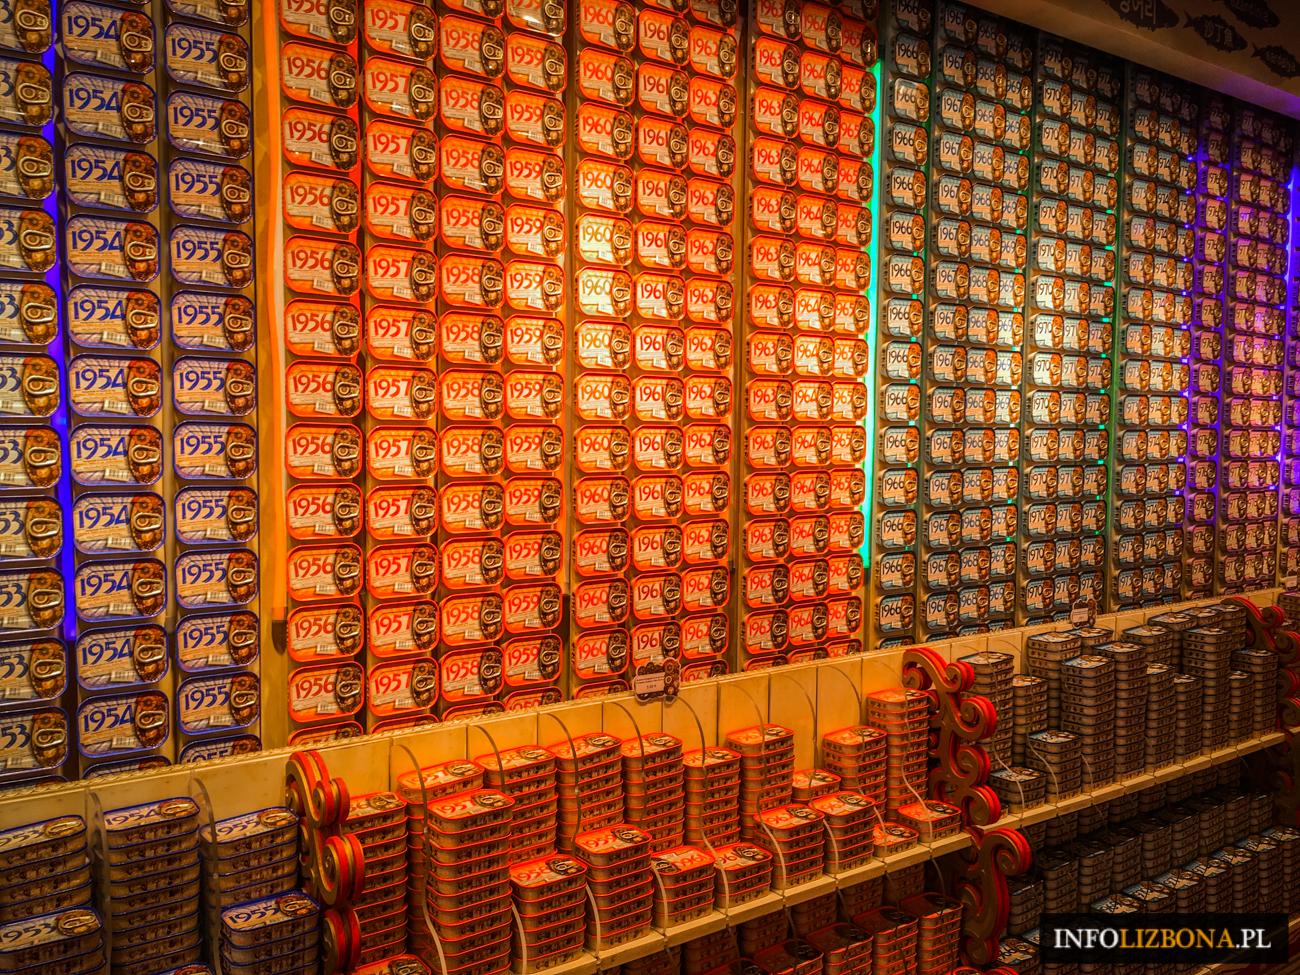 Sardynki Lizbona Portugalia Konserwy Sklepy z konserwami pamiatki z Portugalii O Mundo Fantastico da Sardinha Portuguesa konserwy rybne Baixa przewodnik po lisbonie sekrety sardynka (6 z 16)